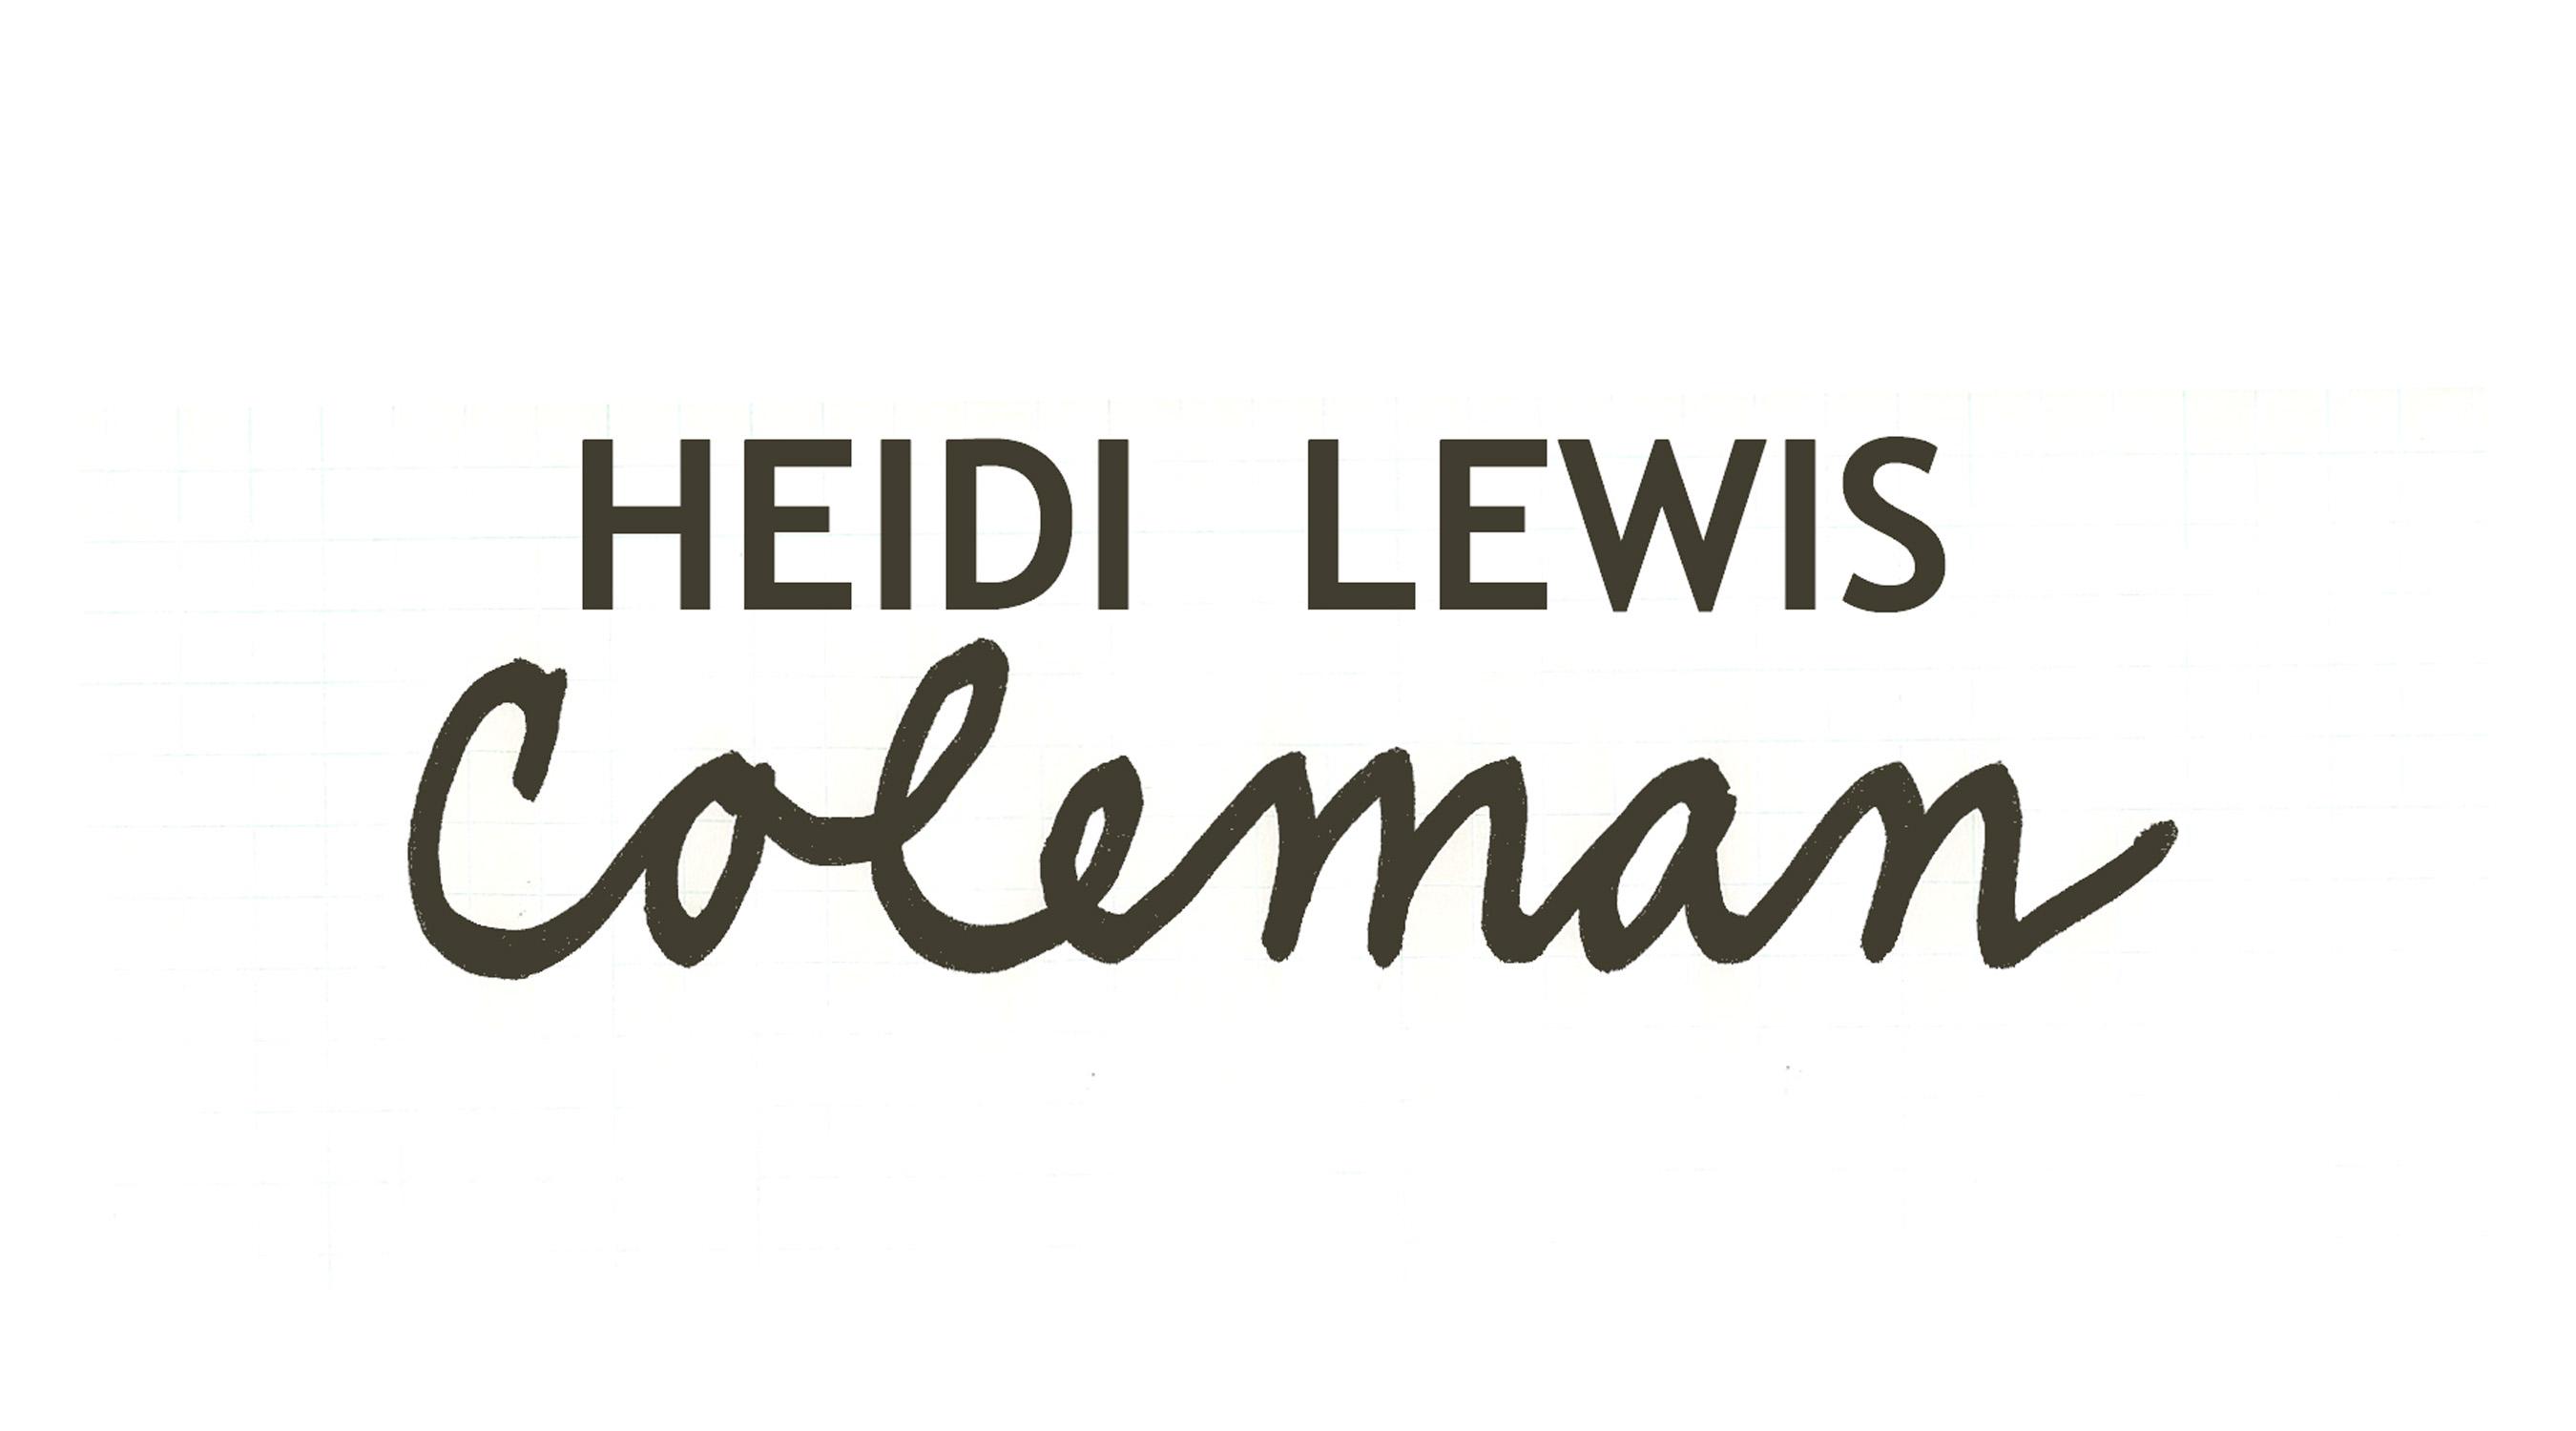 Heidi Lewis Coleman's Signature